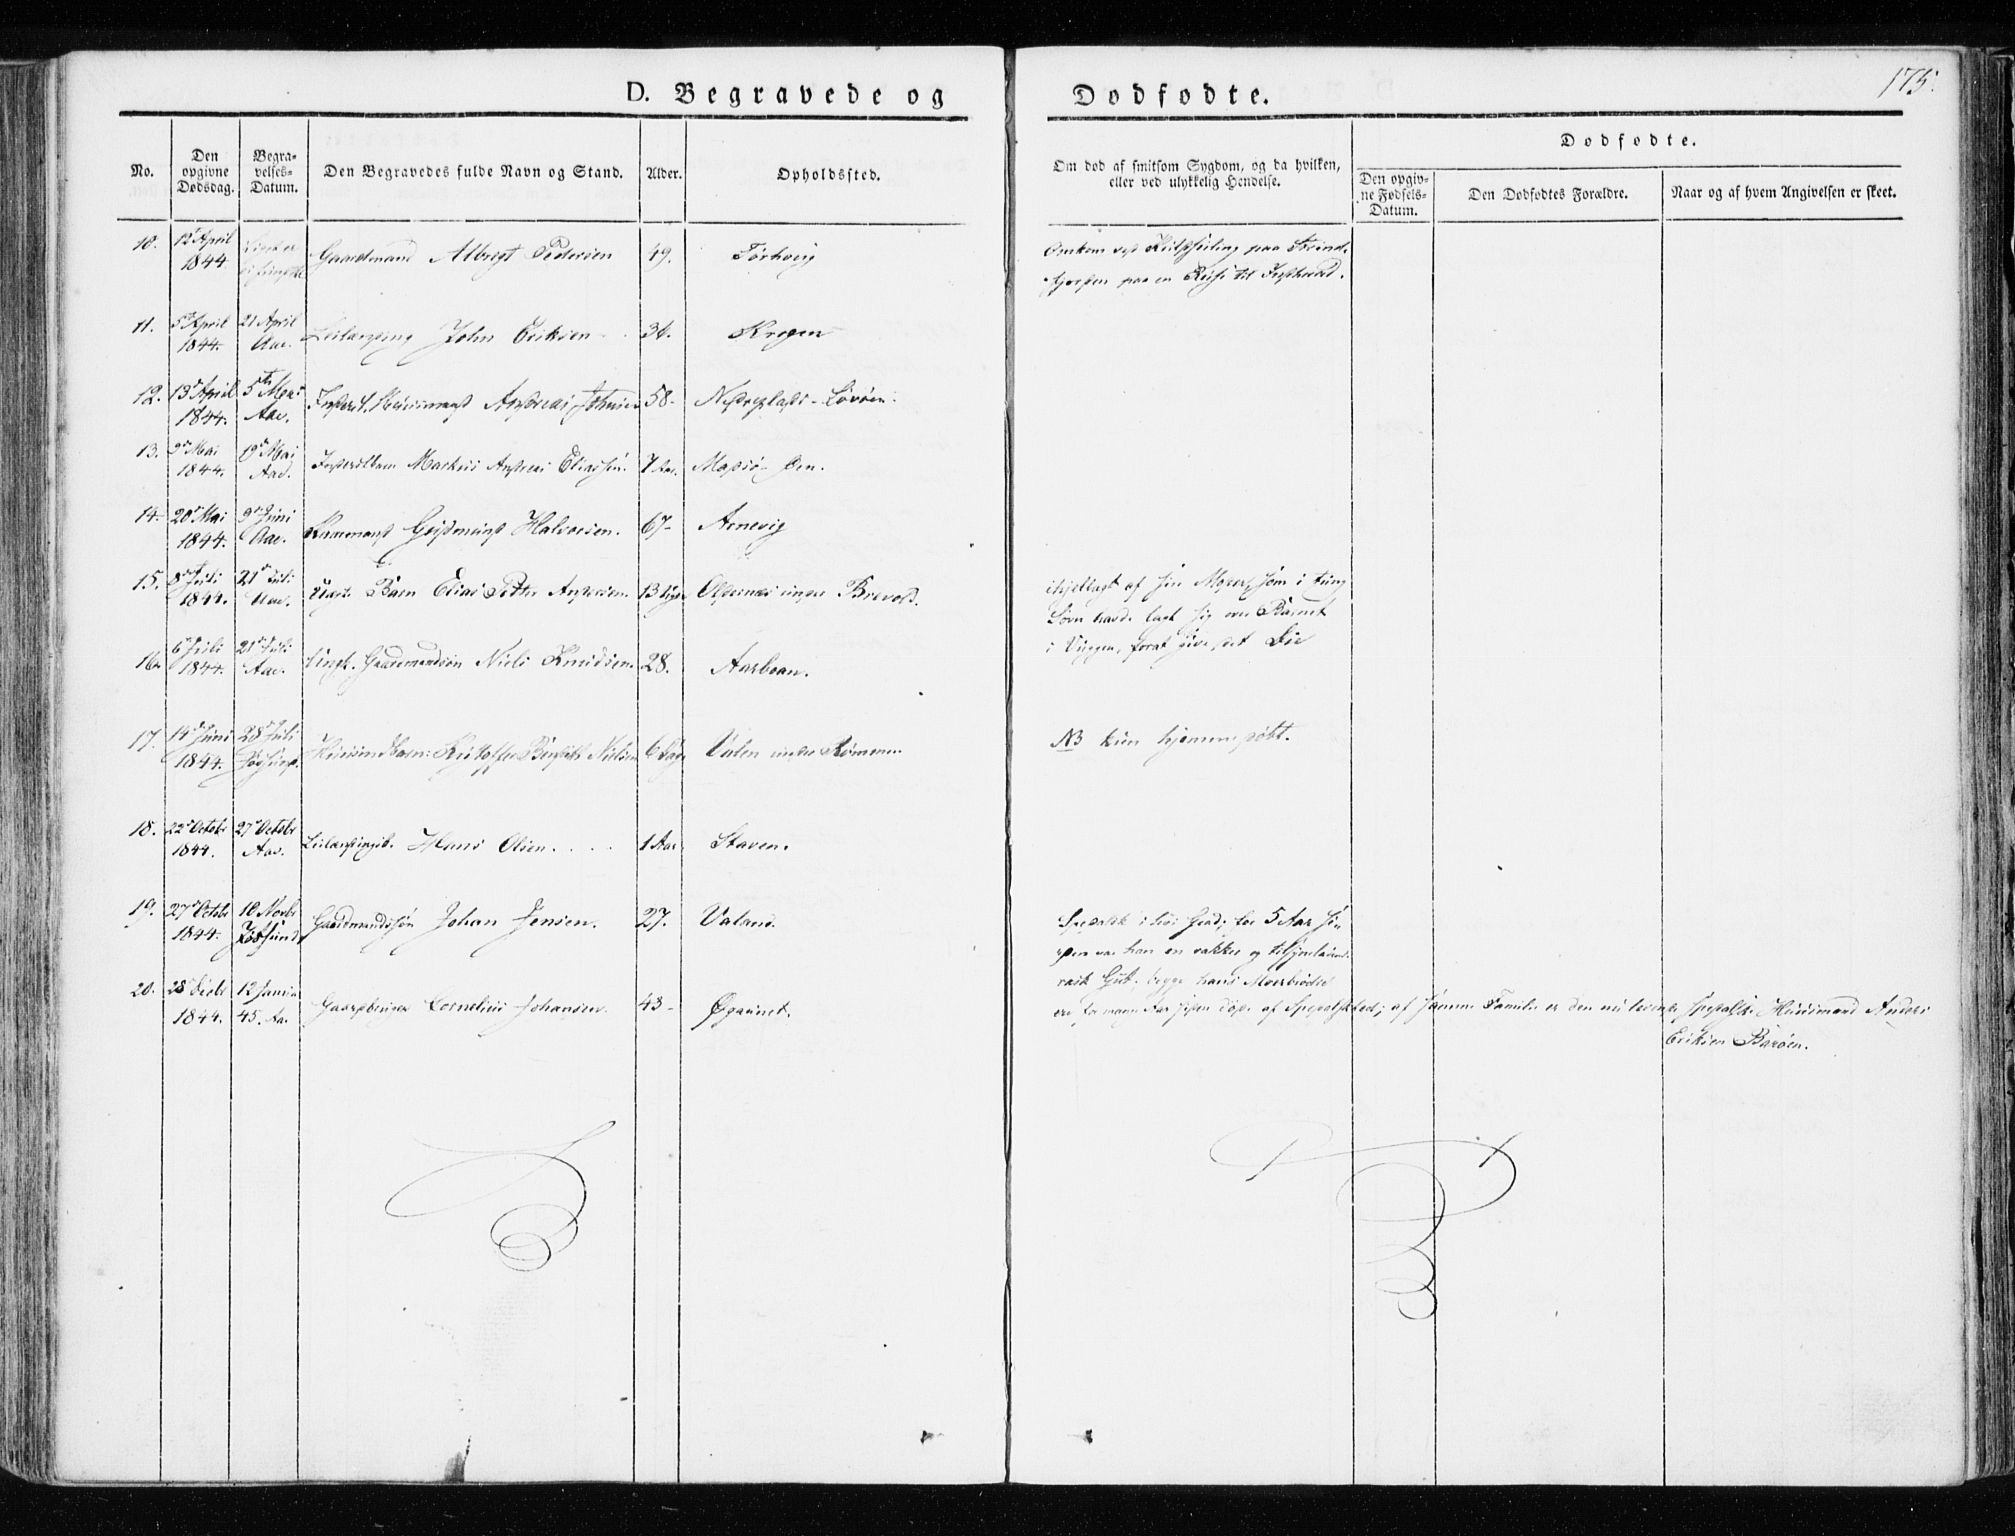 SAT, Ministerialprotokoller, klokkerbøker og fødselsregistre - Sør-Trøndelag, 655/L0676: Ministerialbok nr. 655A05, 1830-1847, s. 175